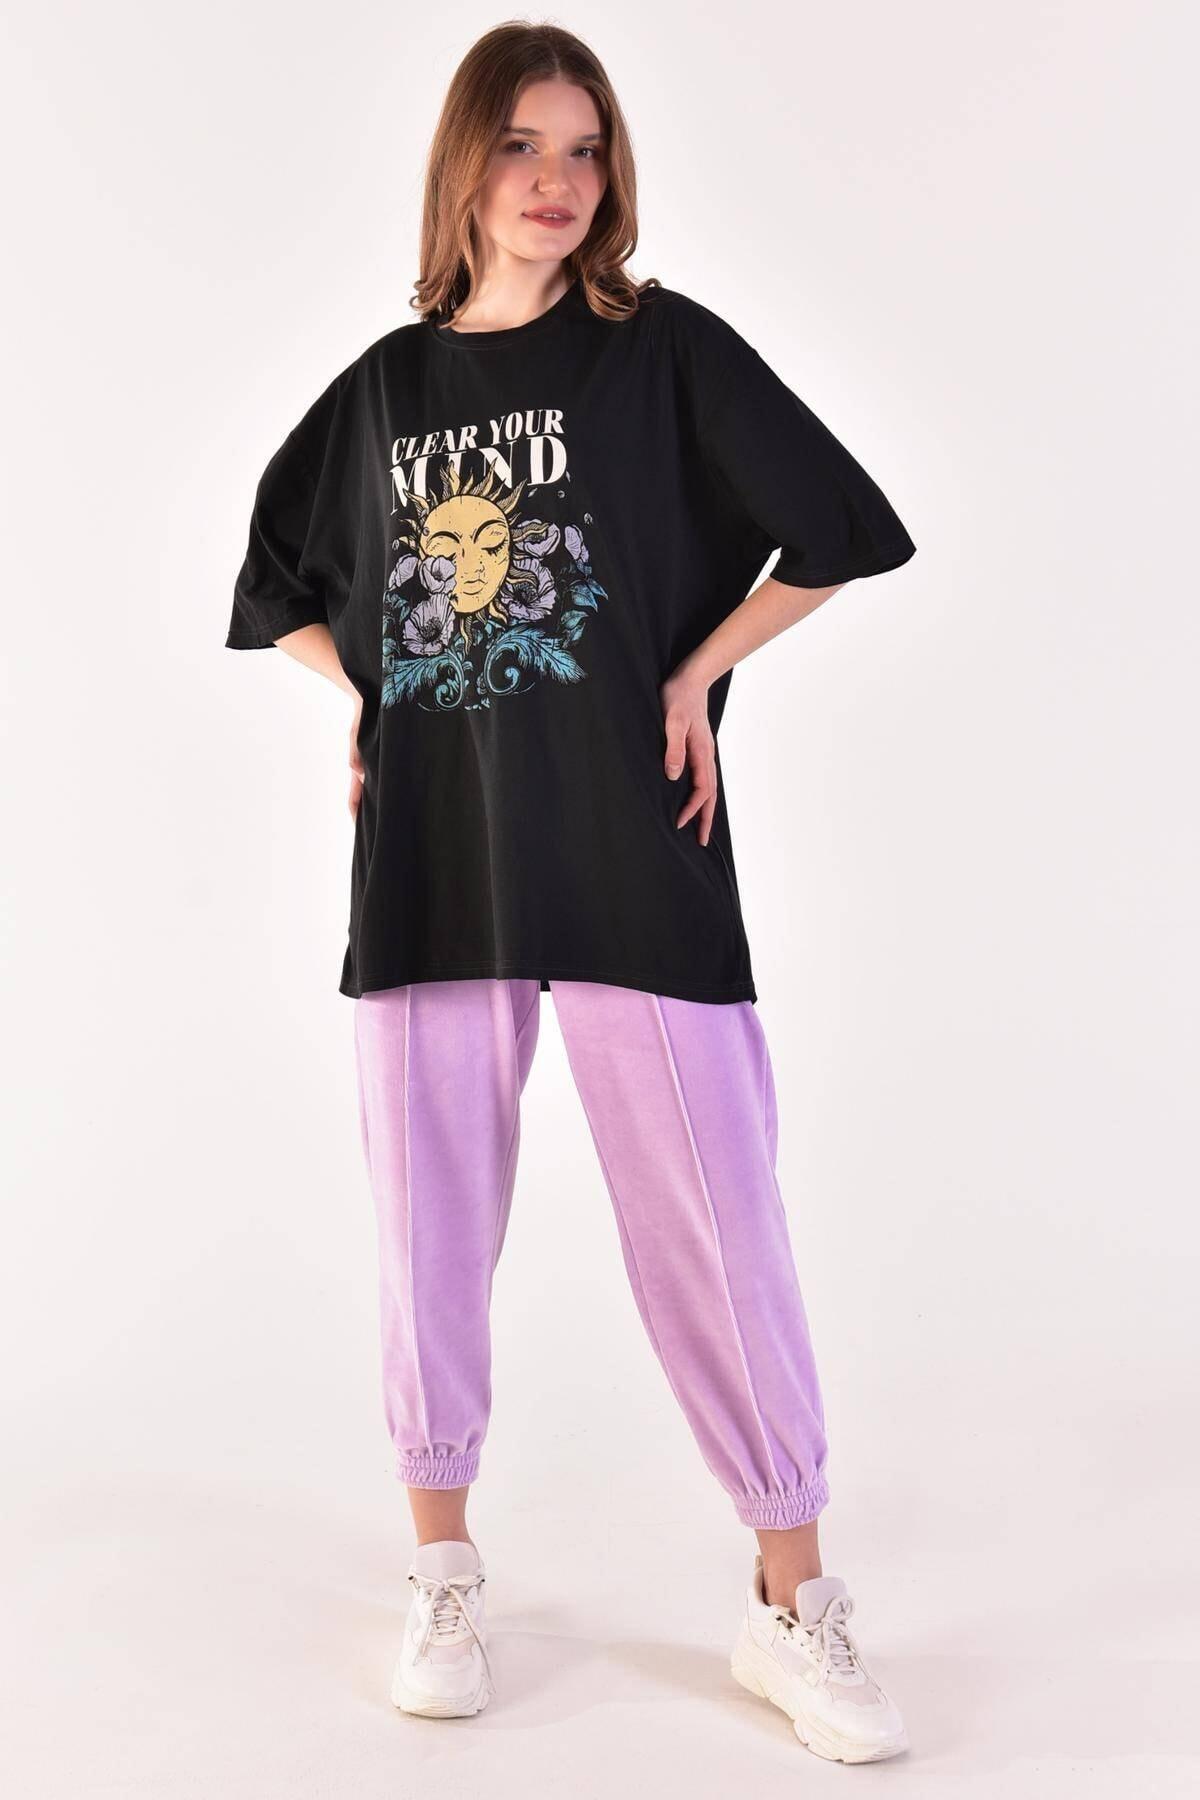 Addax Kadın Füme Baskılı Oversize Tişört P9372 - H5 ADX-0000021439 0